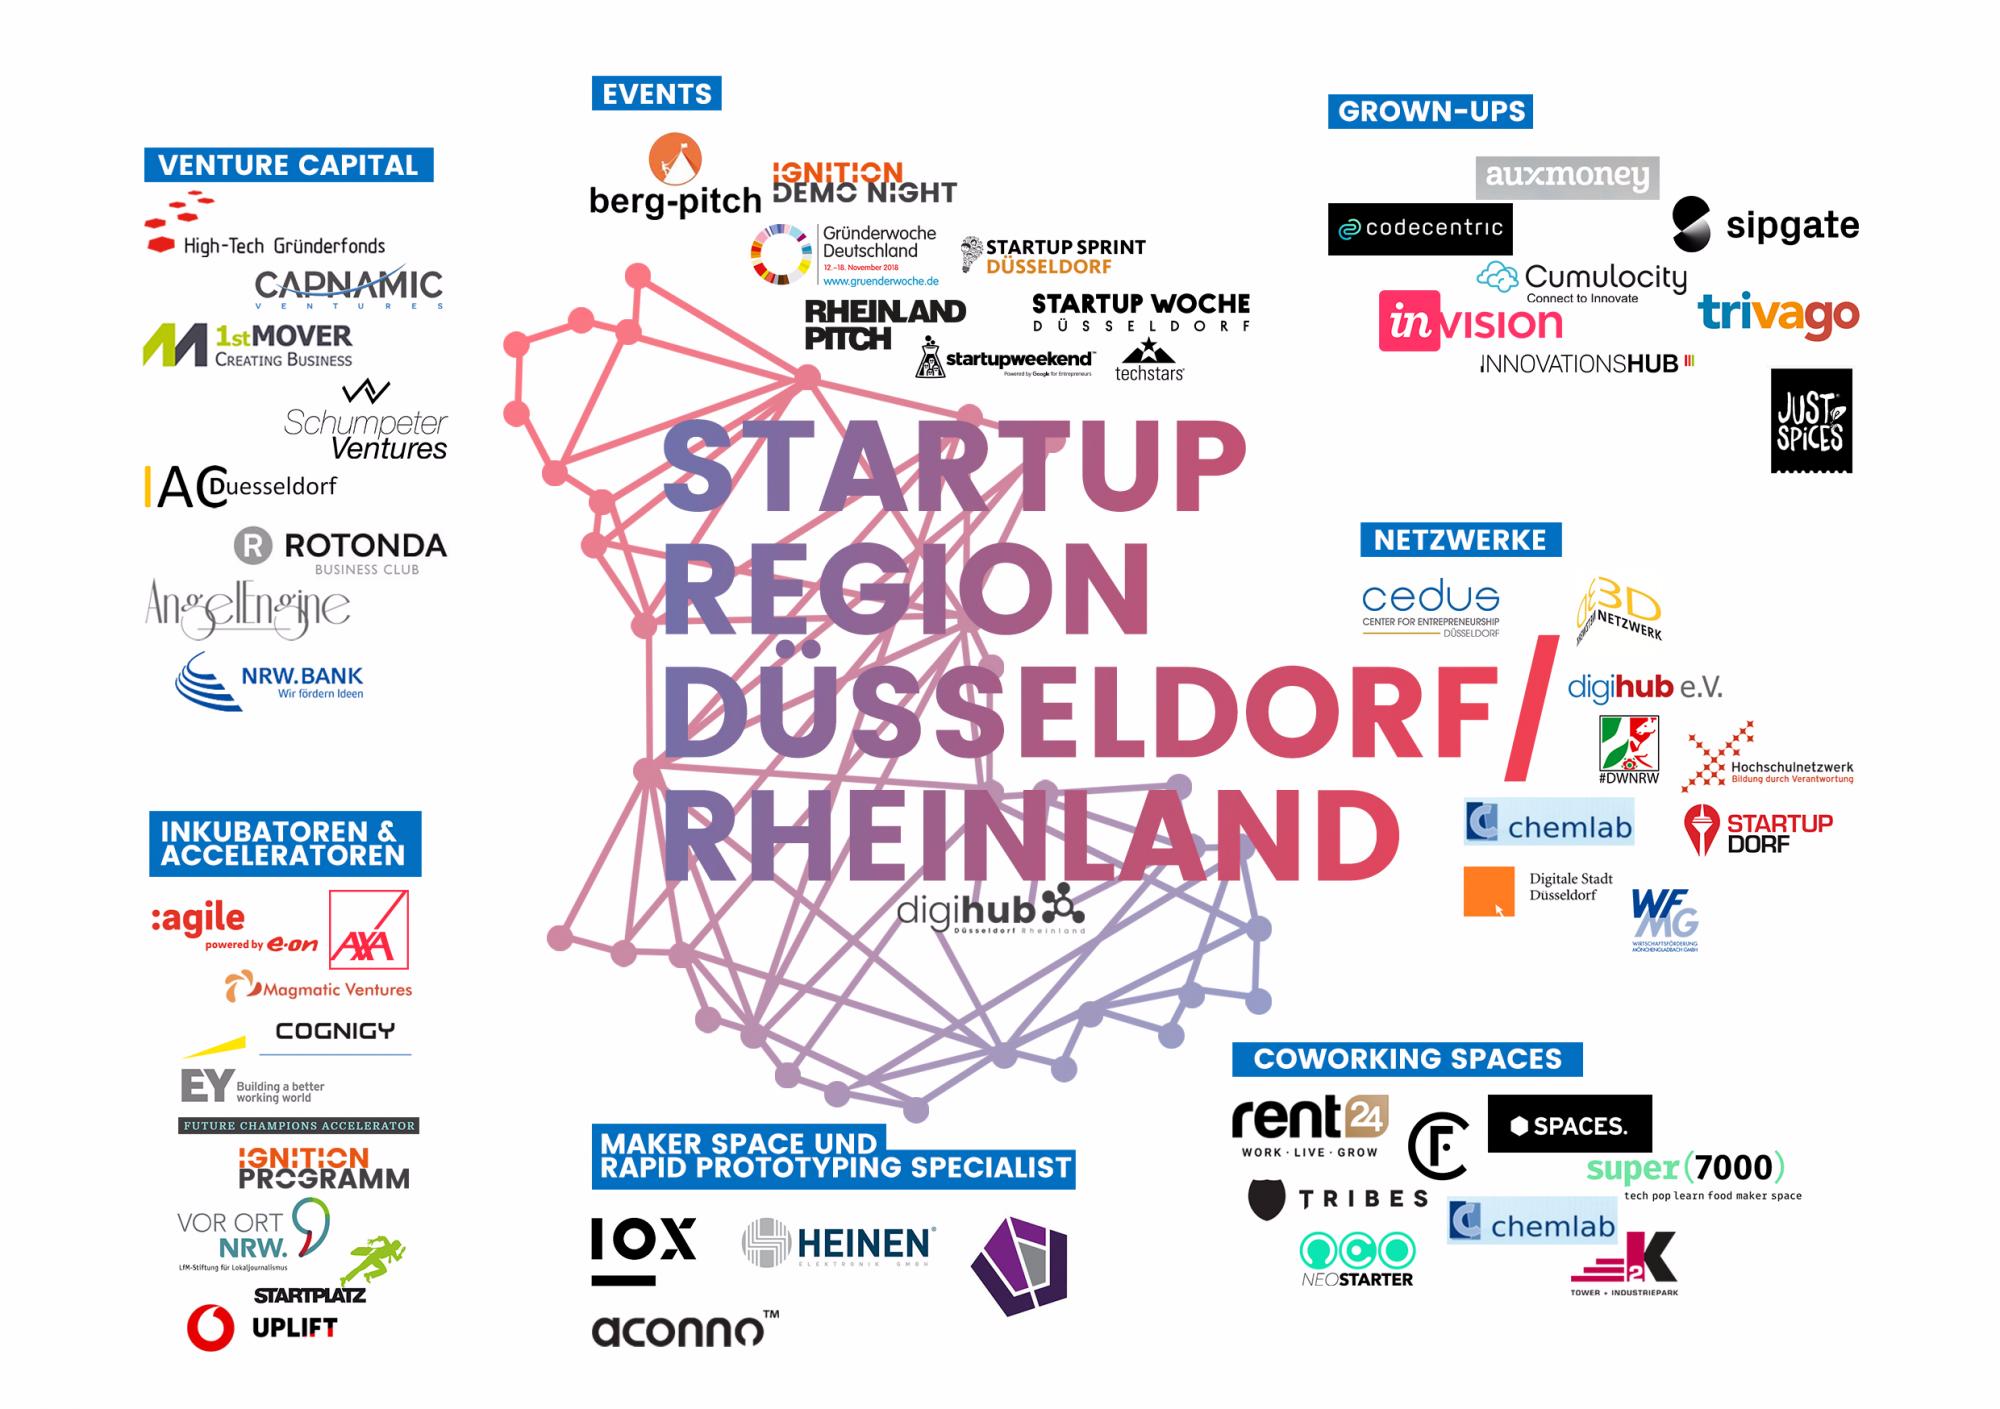 Der digihub im Startup-Ökosystem Düsseldorf/Rheinland (Quelle: digihub)